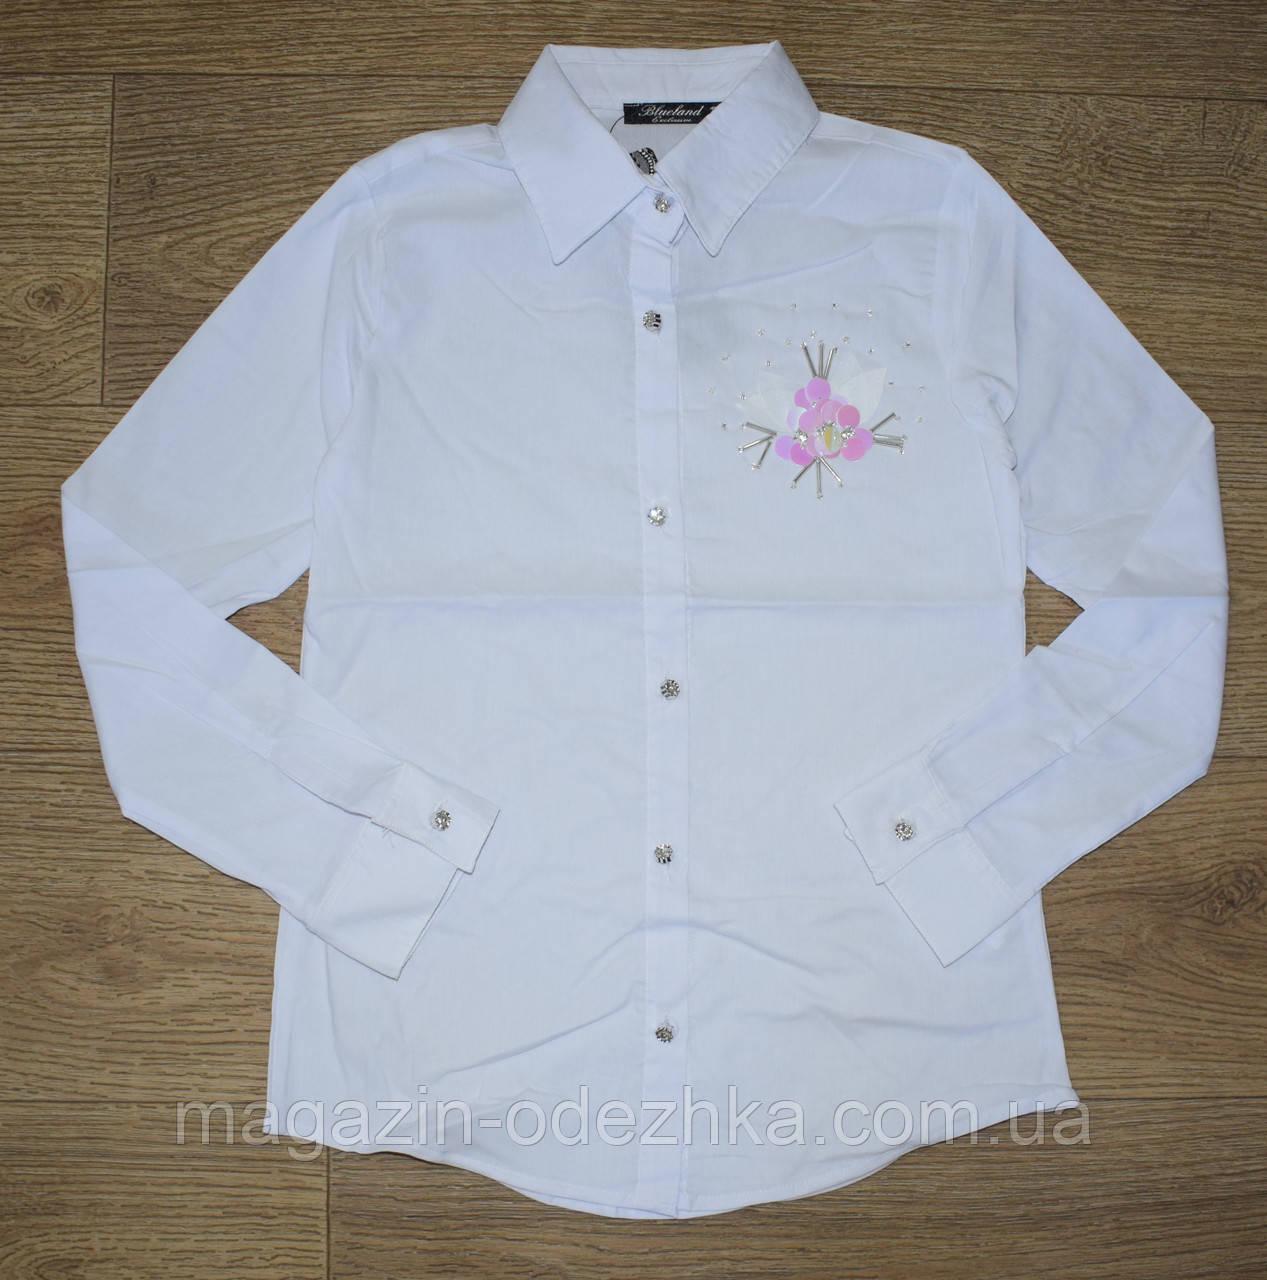 Блузка шкільна для дівчинки оптом 128-164 зростання